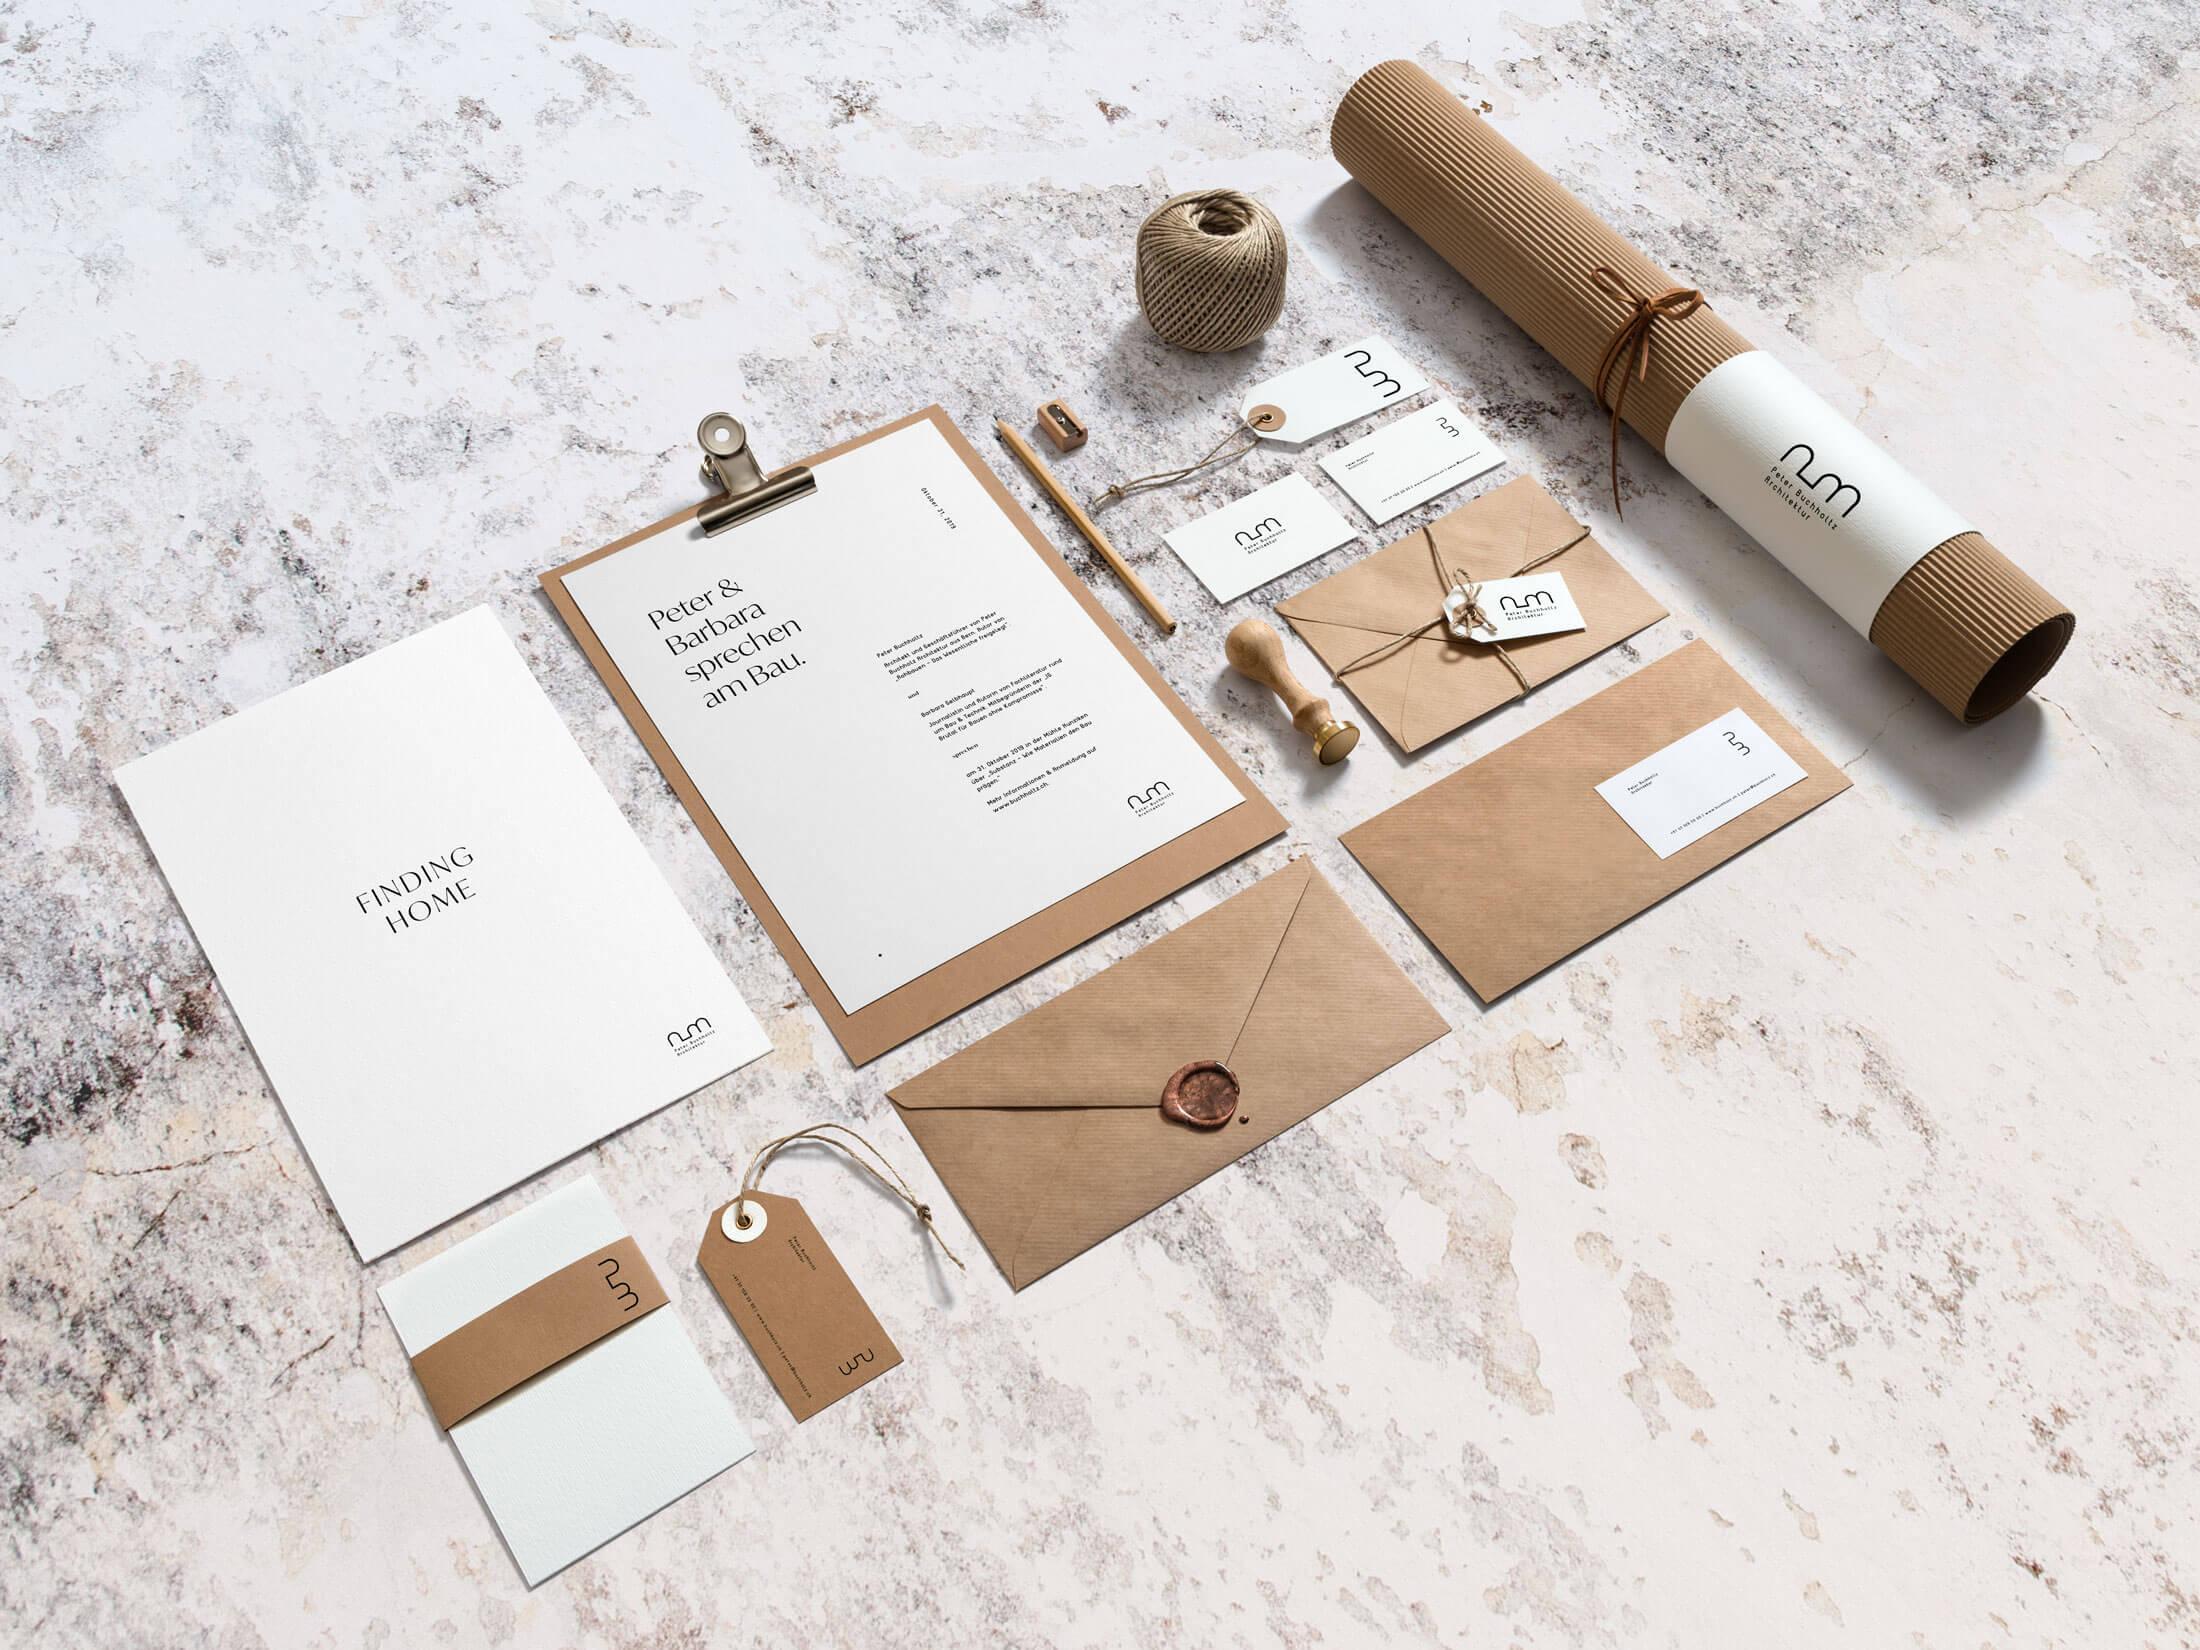 Branding und Gestaltung von Print für Schweizer Architekt in Bern